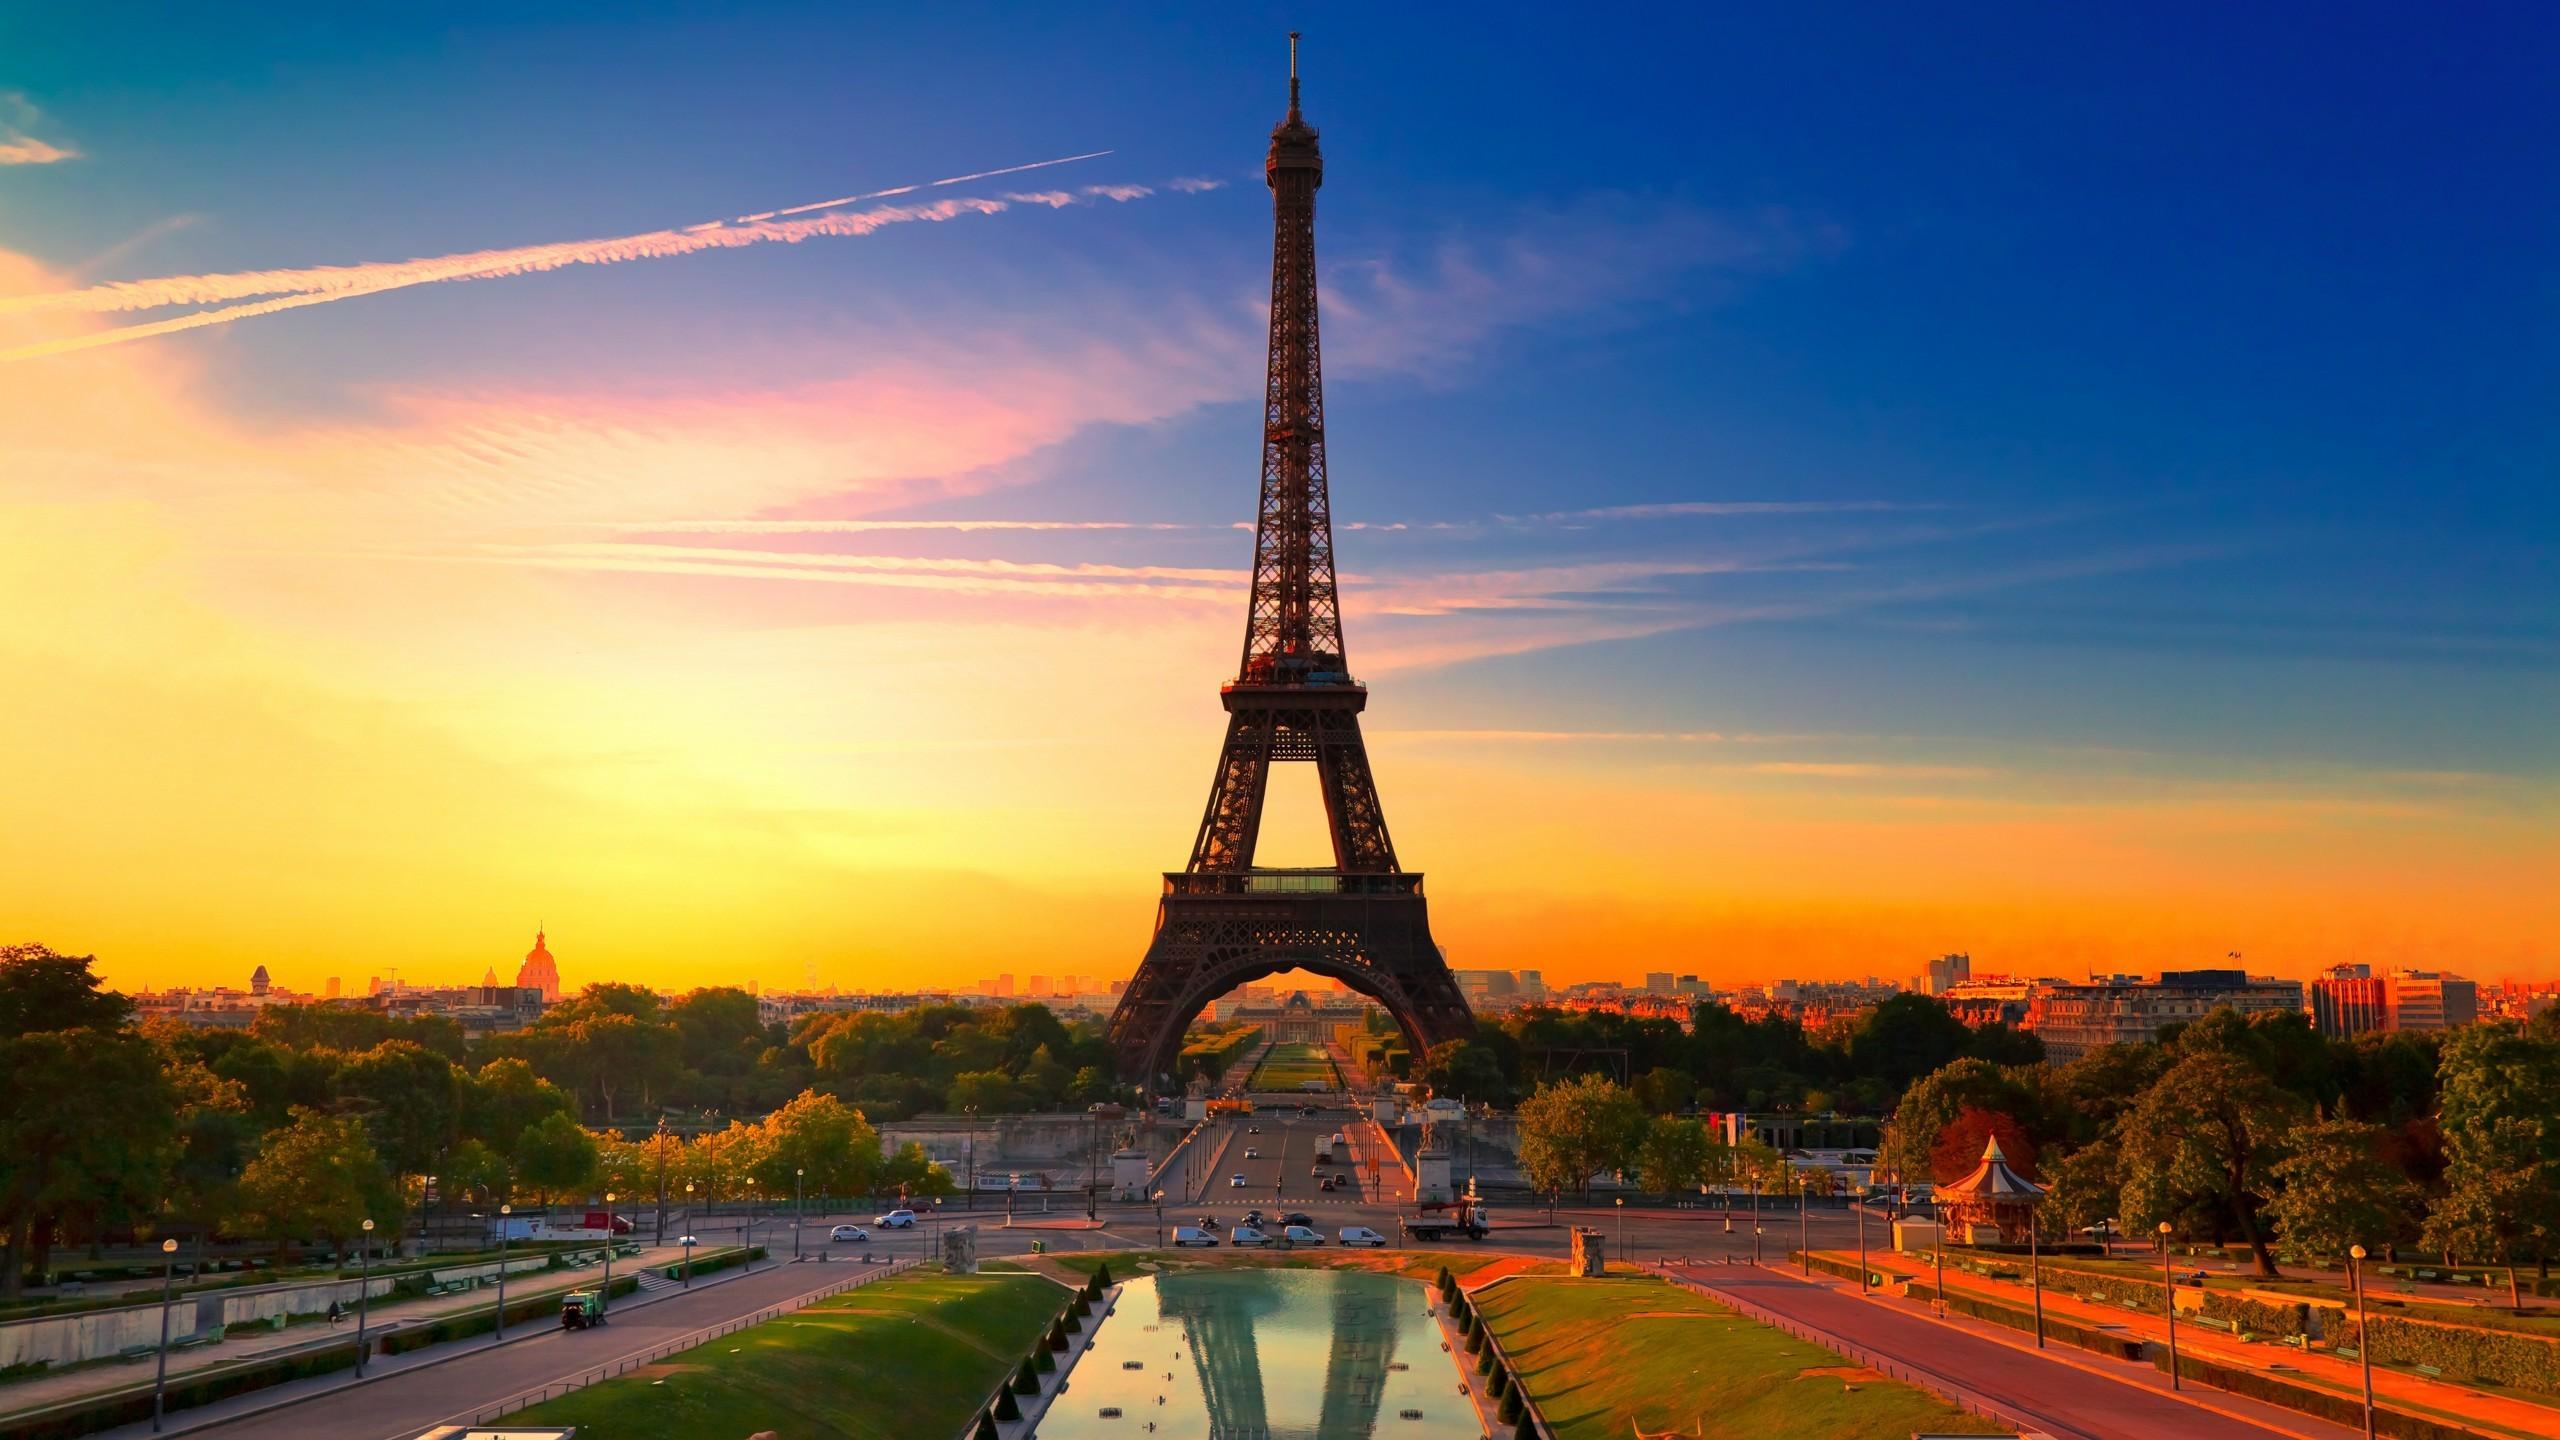 World / Eiffel Tower Wallpaper